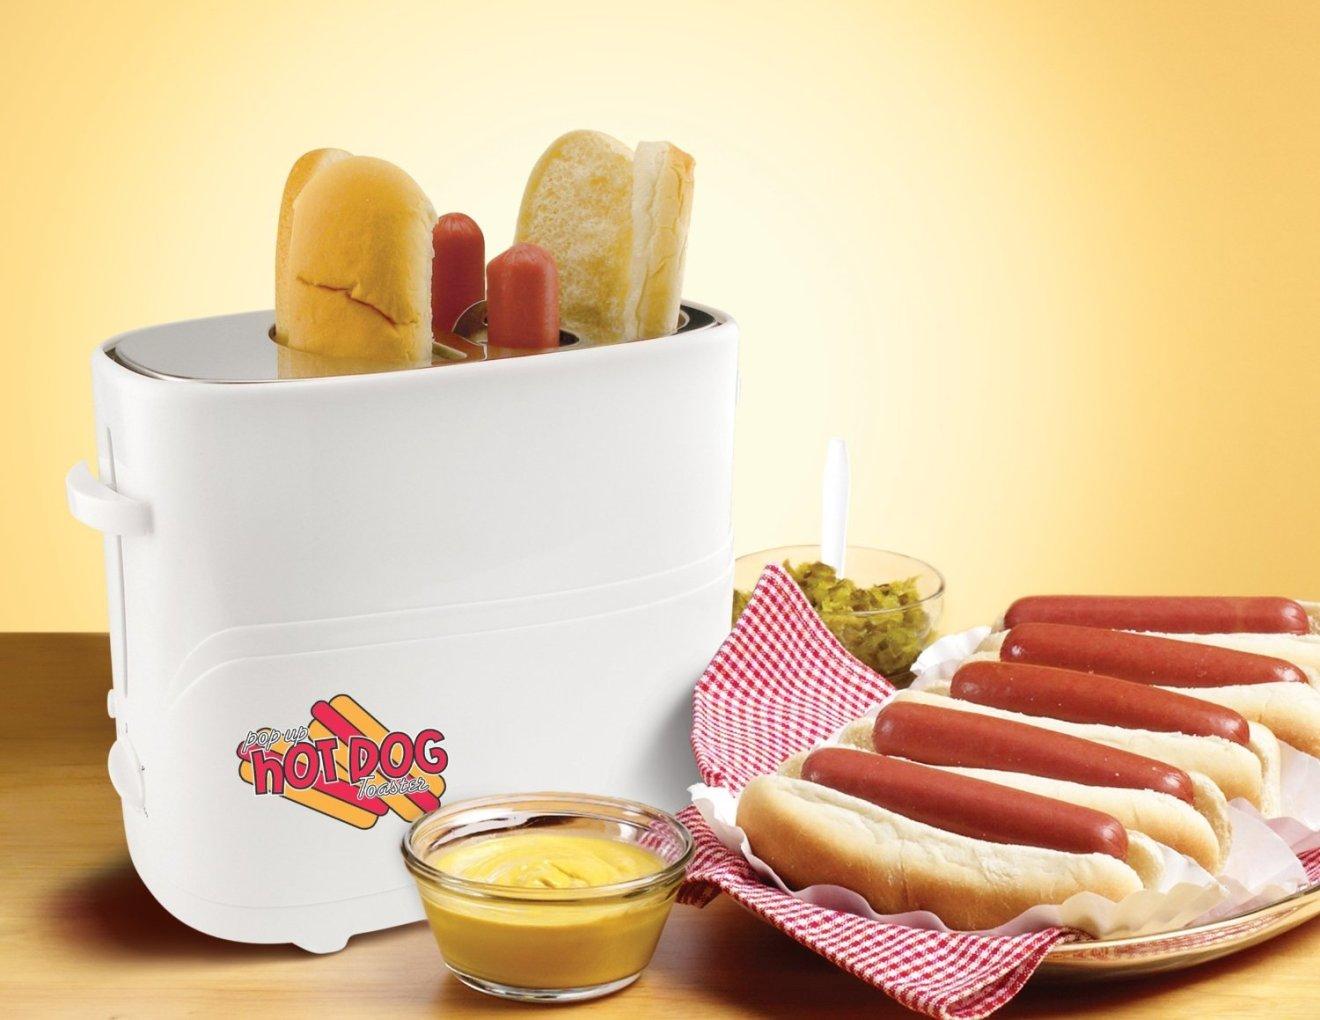 hot-dog-toaster-2